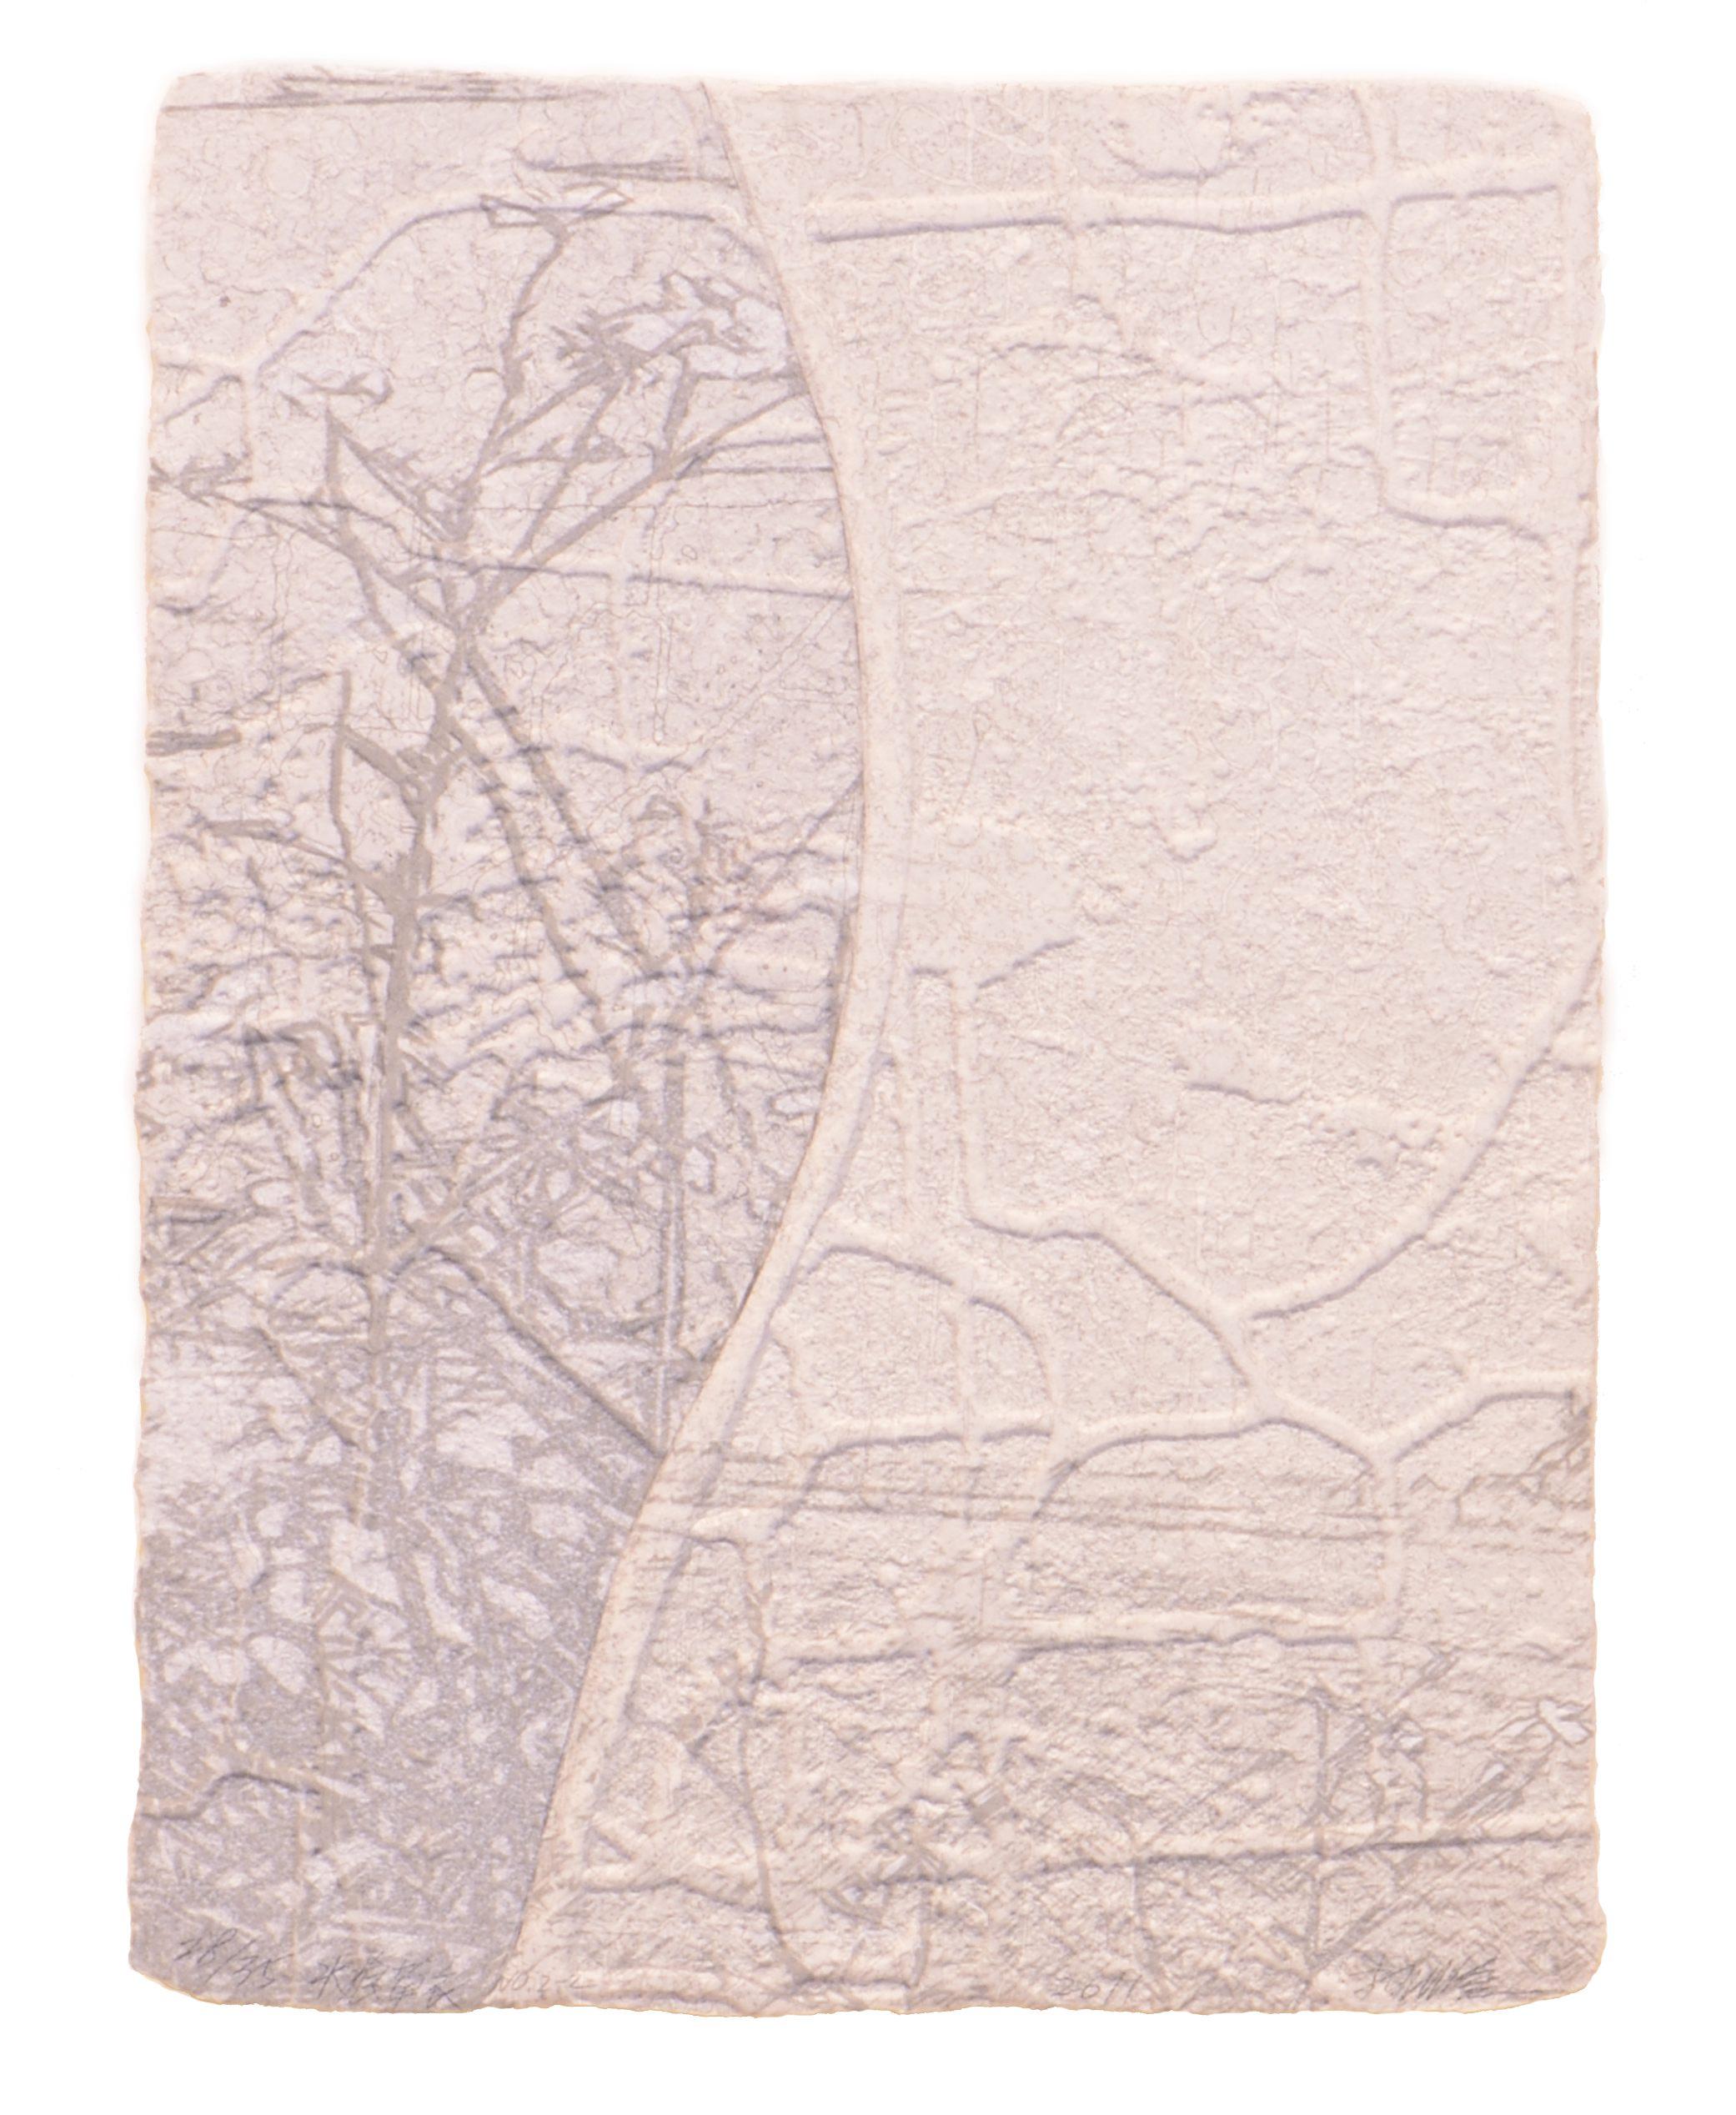 《水痕草衣No.2-2》,絹版、凹版,25×18cm,2011